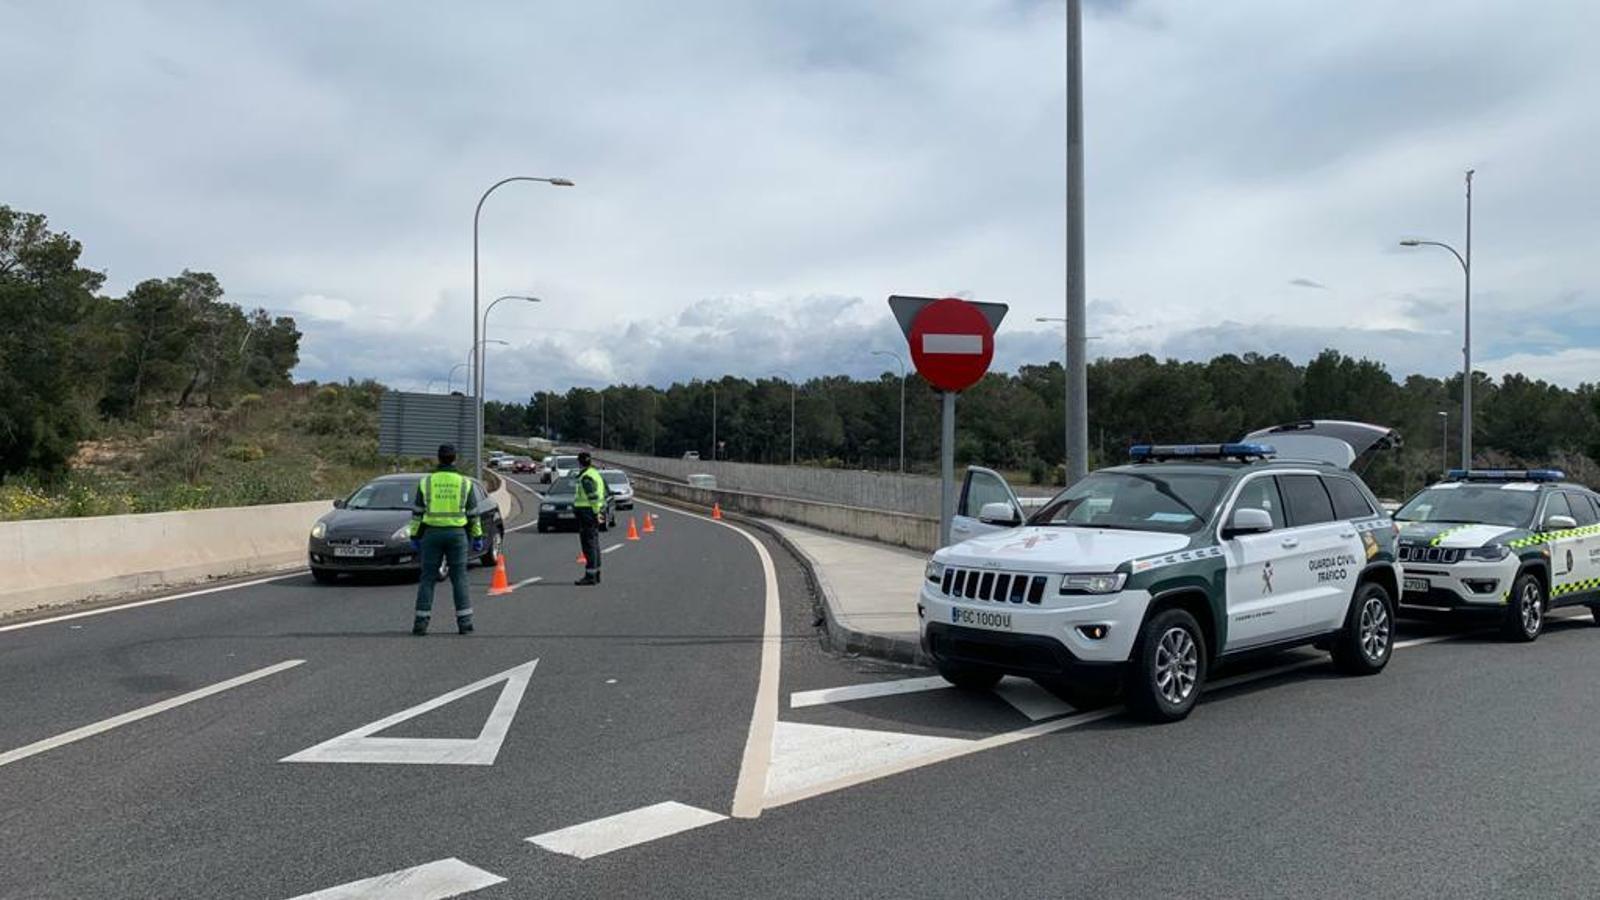 Control de trànsit de la Guàrdia Civil a la carretera de Palmanova